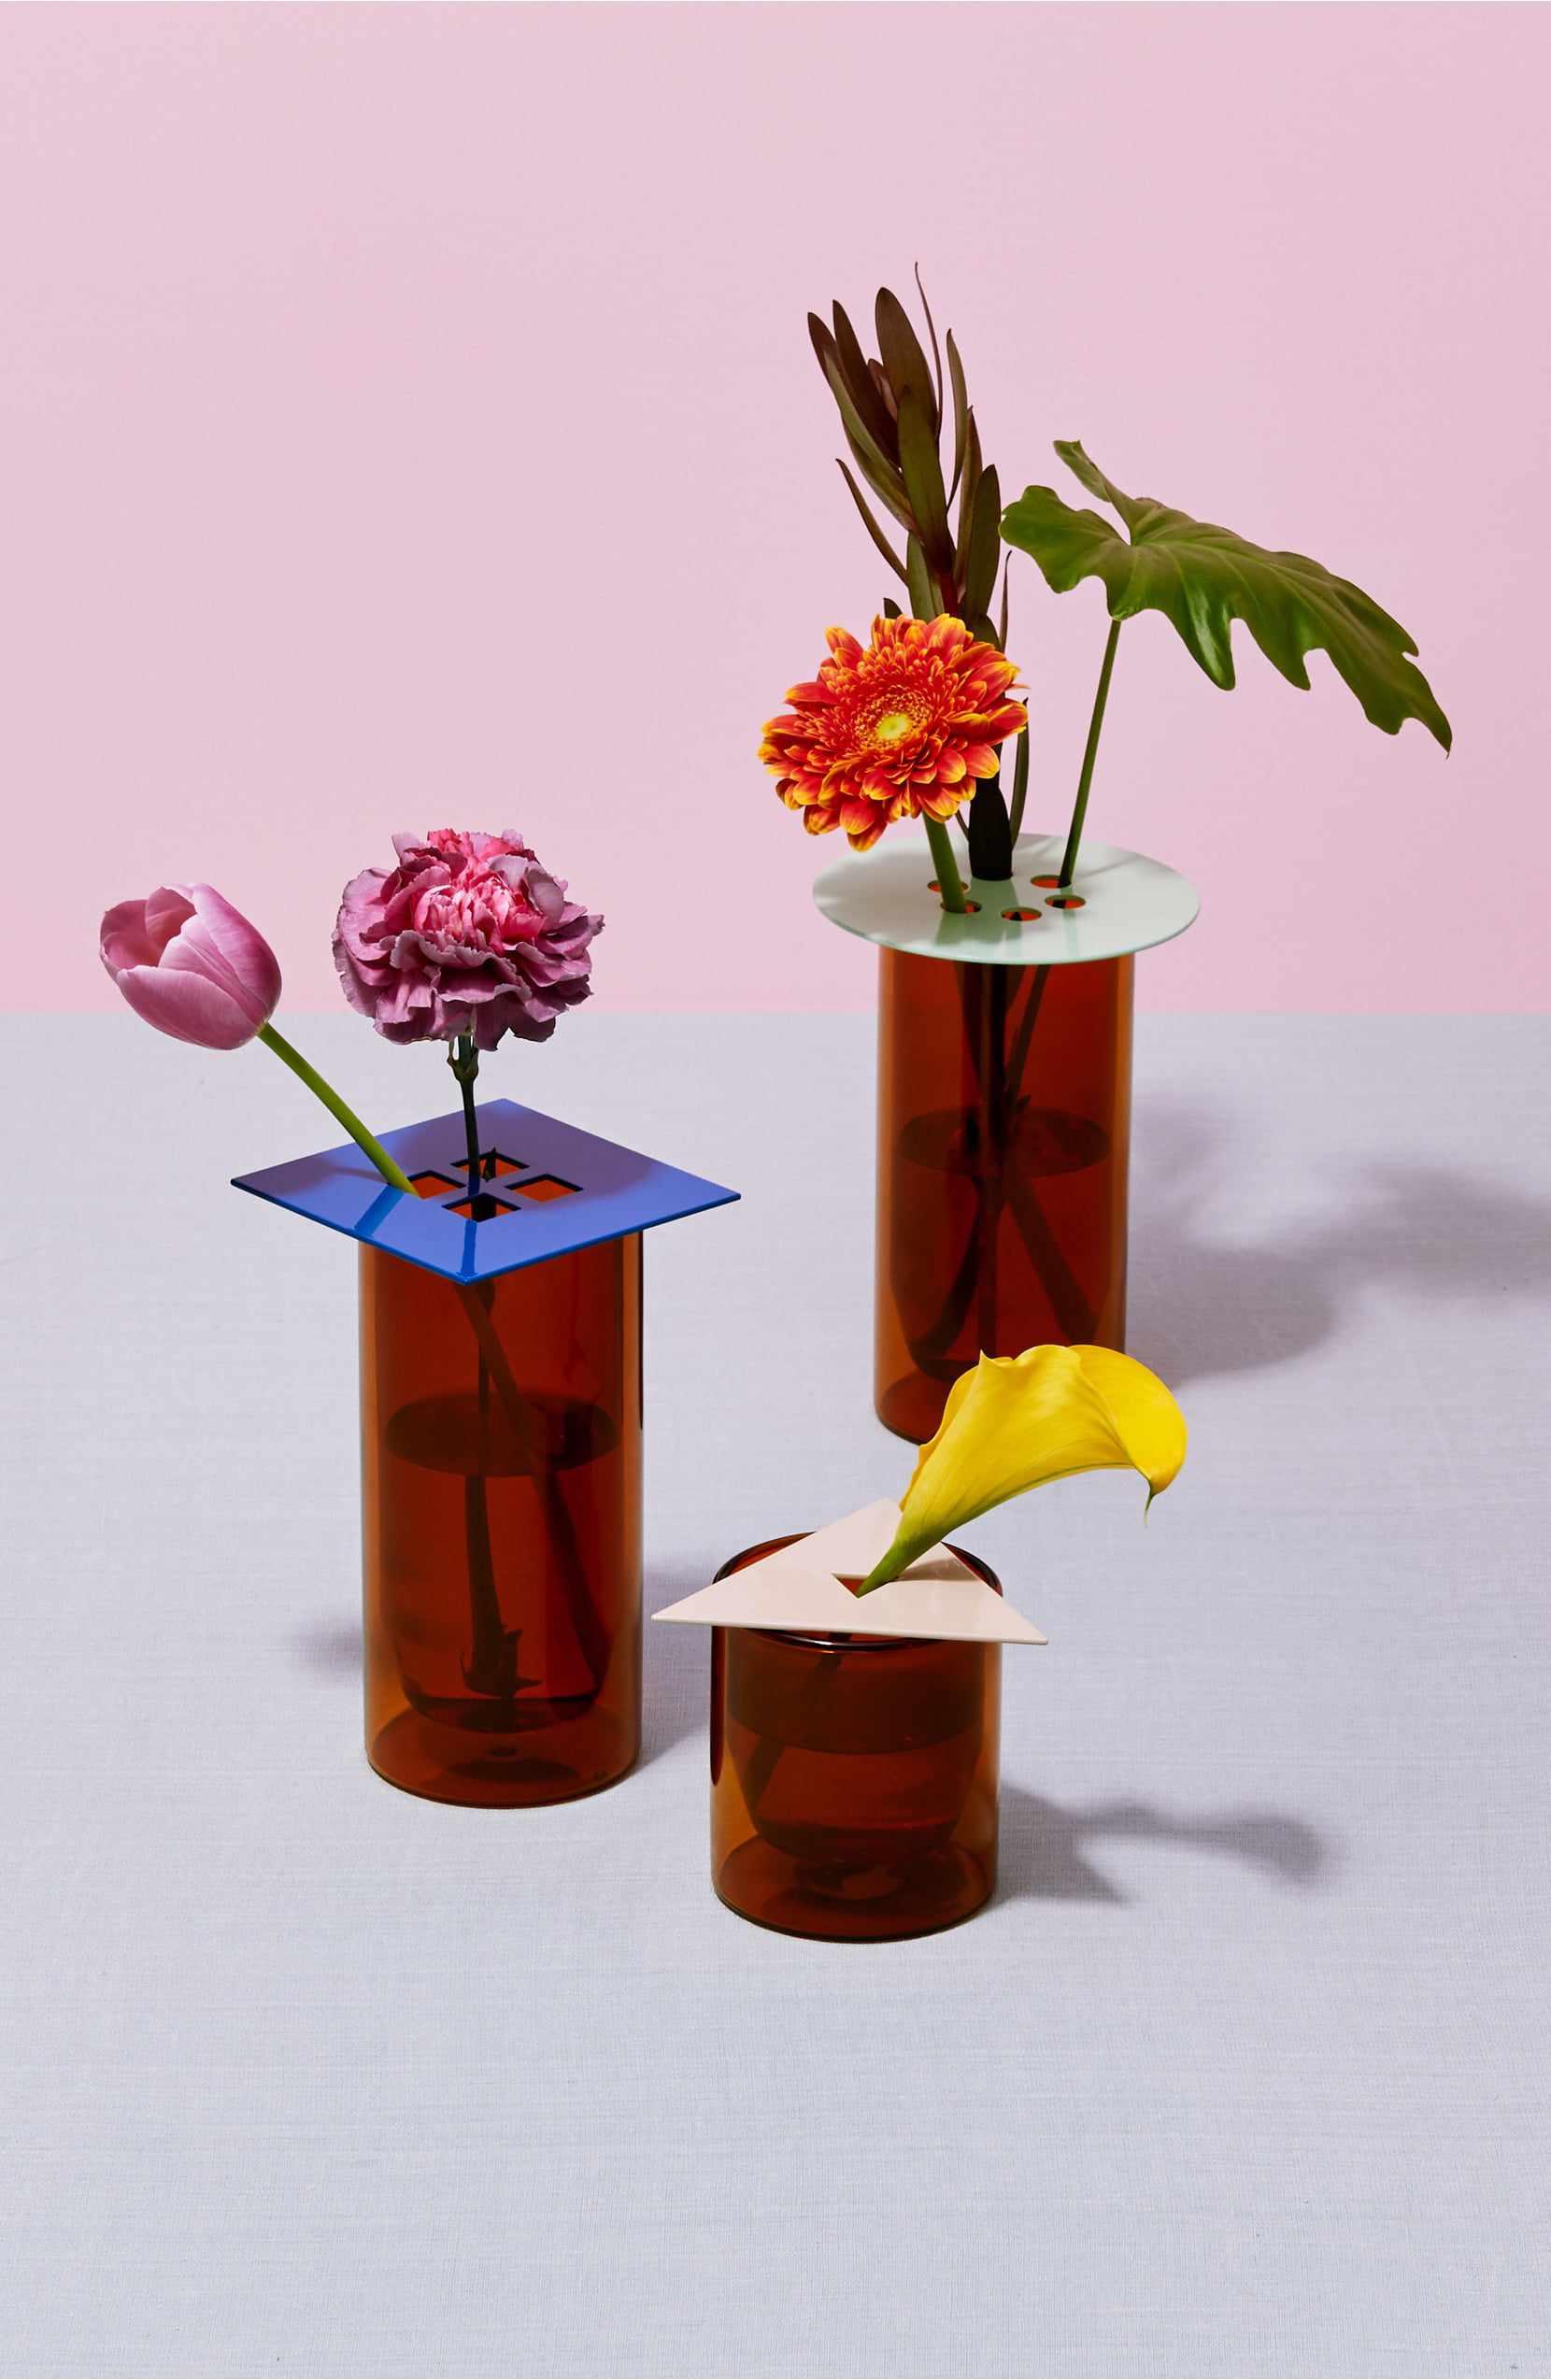 Fruitsuper Anywhere Vases